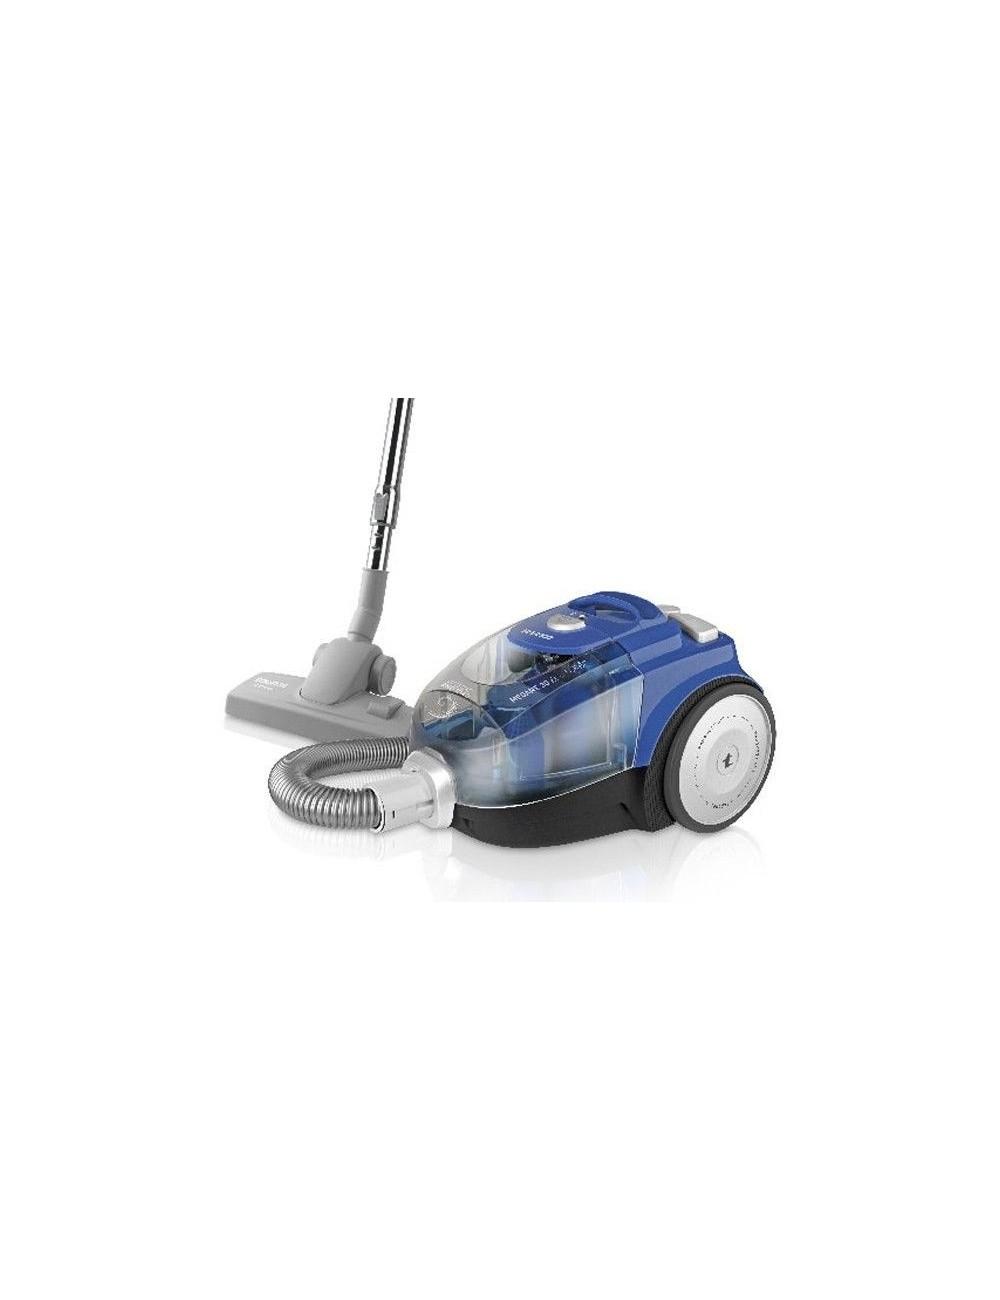 Aspiradora sin bolsa TAURUS Megane 3G ECO Turbo